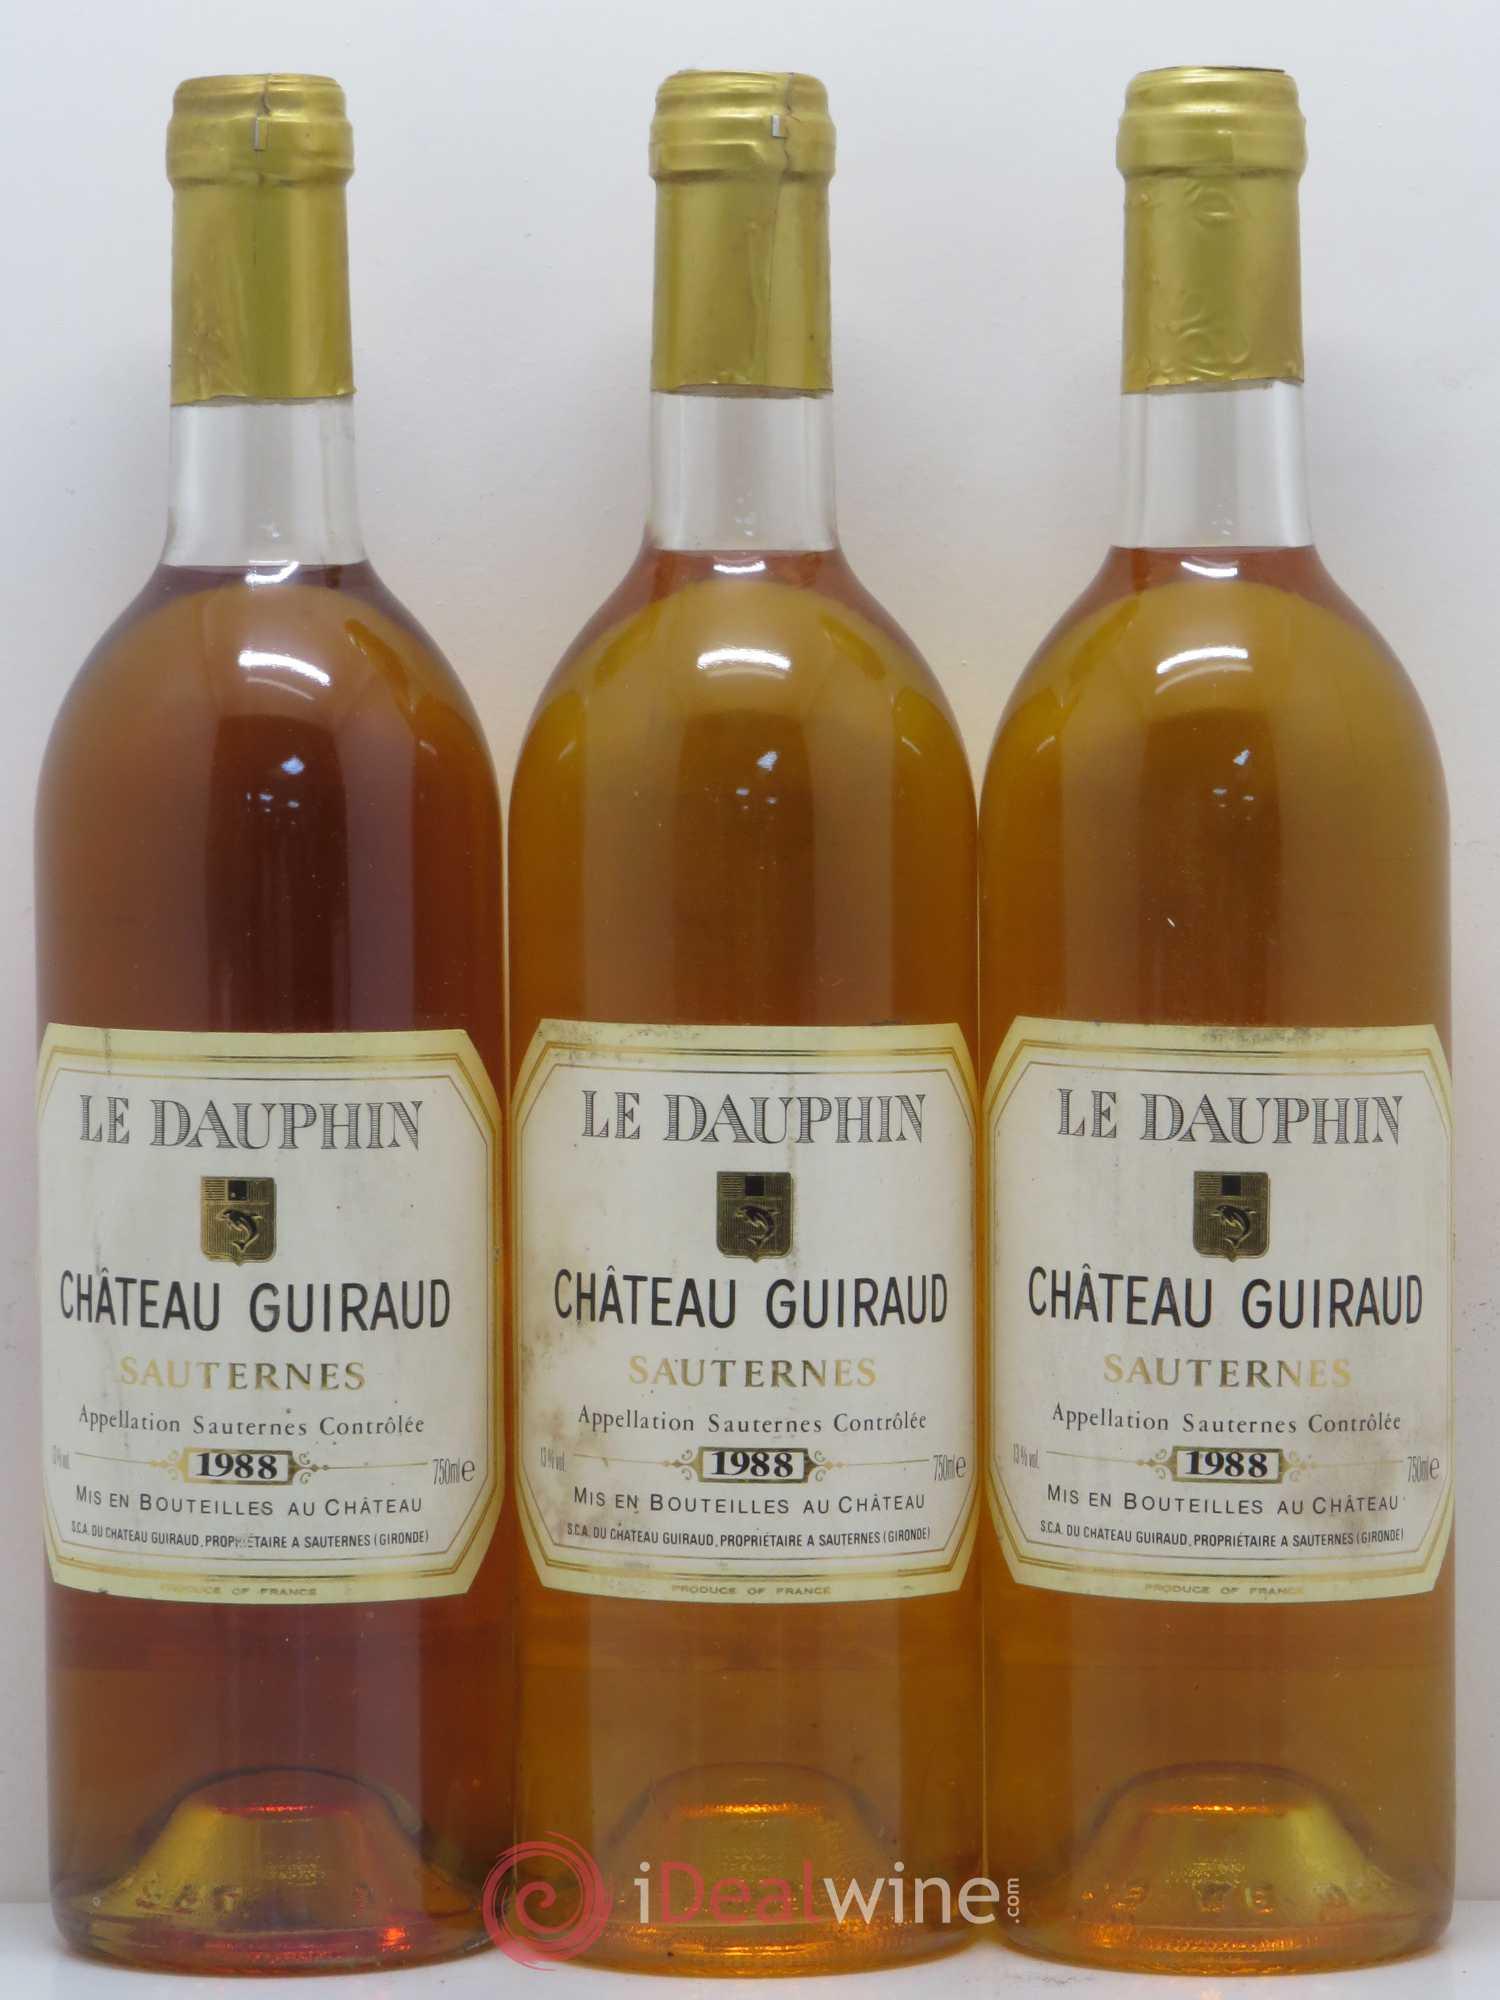 Le Dauphin De Guiraud 1988